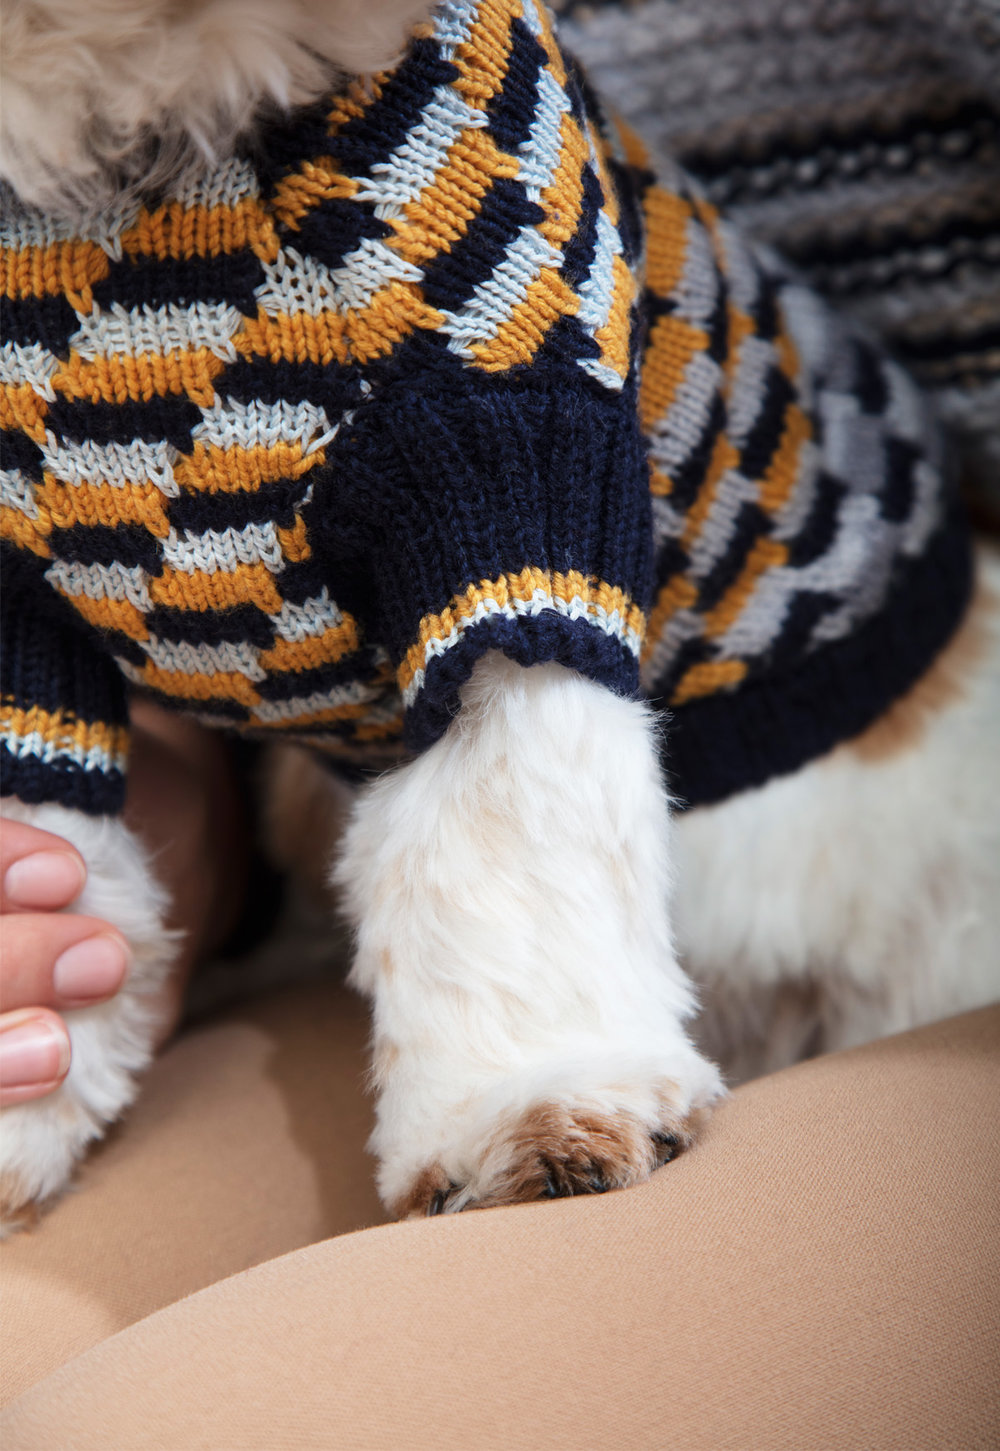 DOG JUMPER KNIT UK